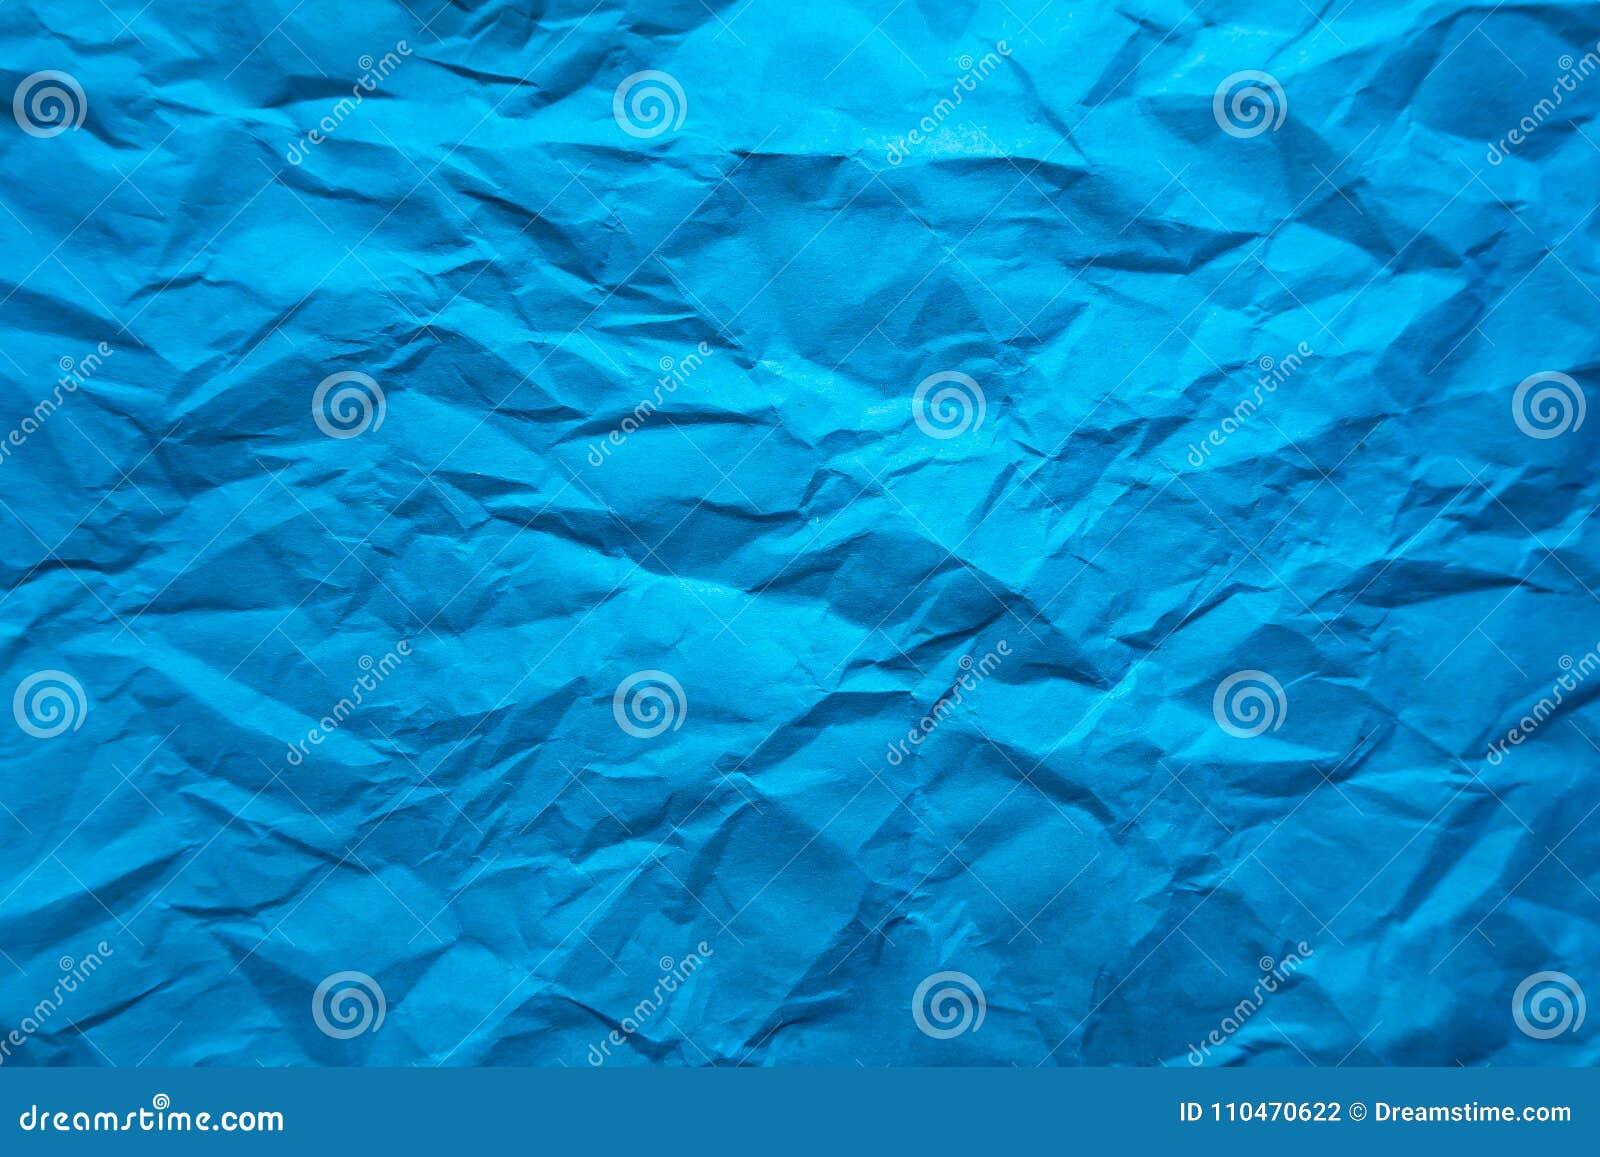 Fondos De Hojas De Papel: Fondo Hoja De Papel Azul Arrugada Foto De Archivo